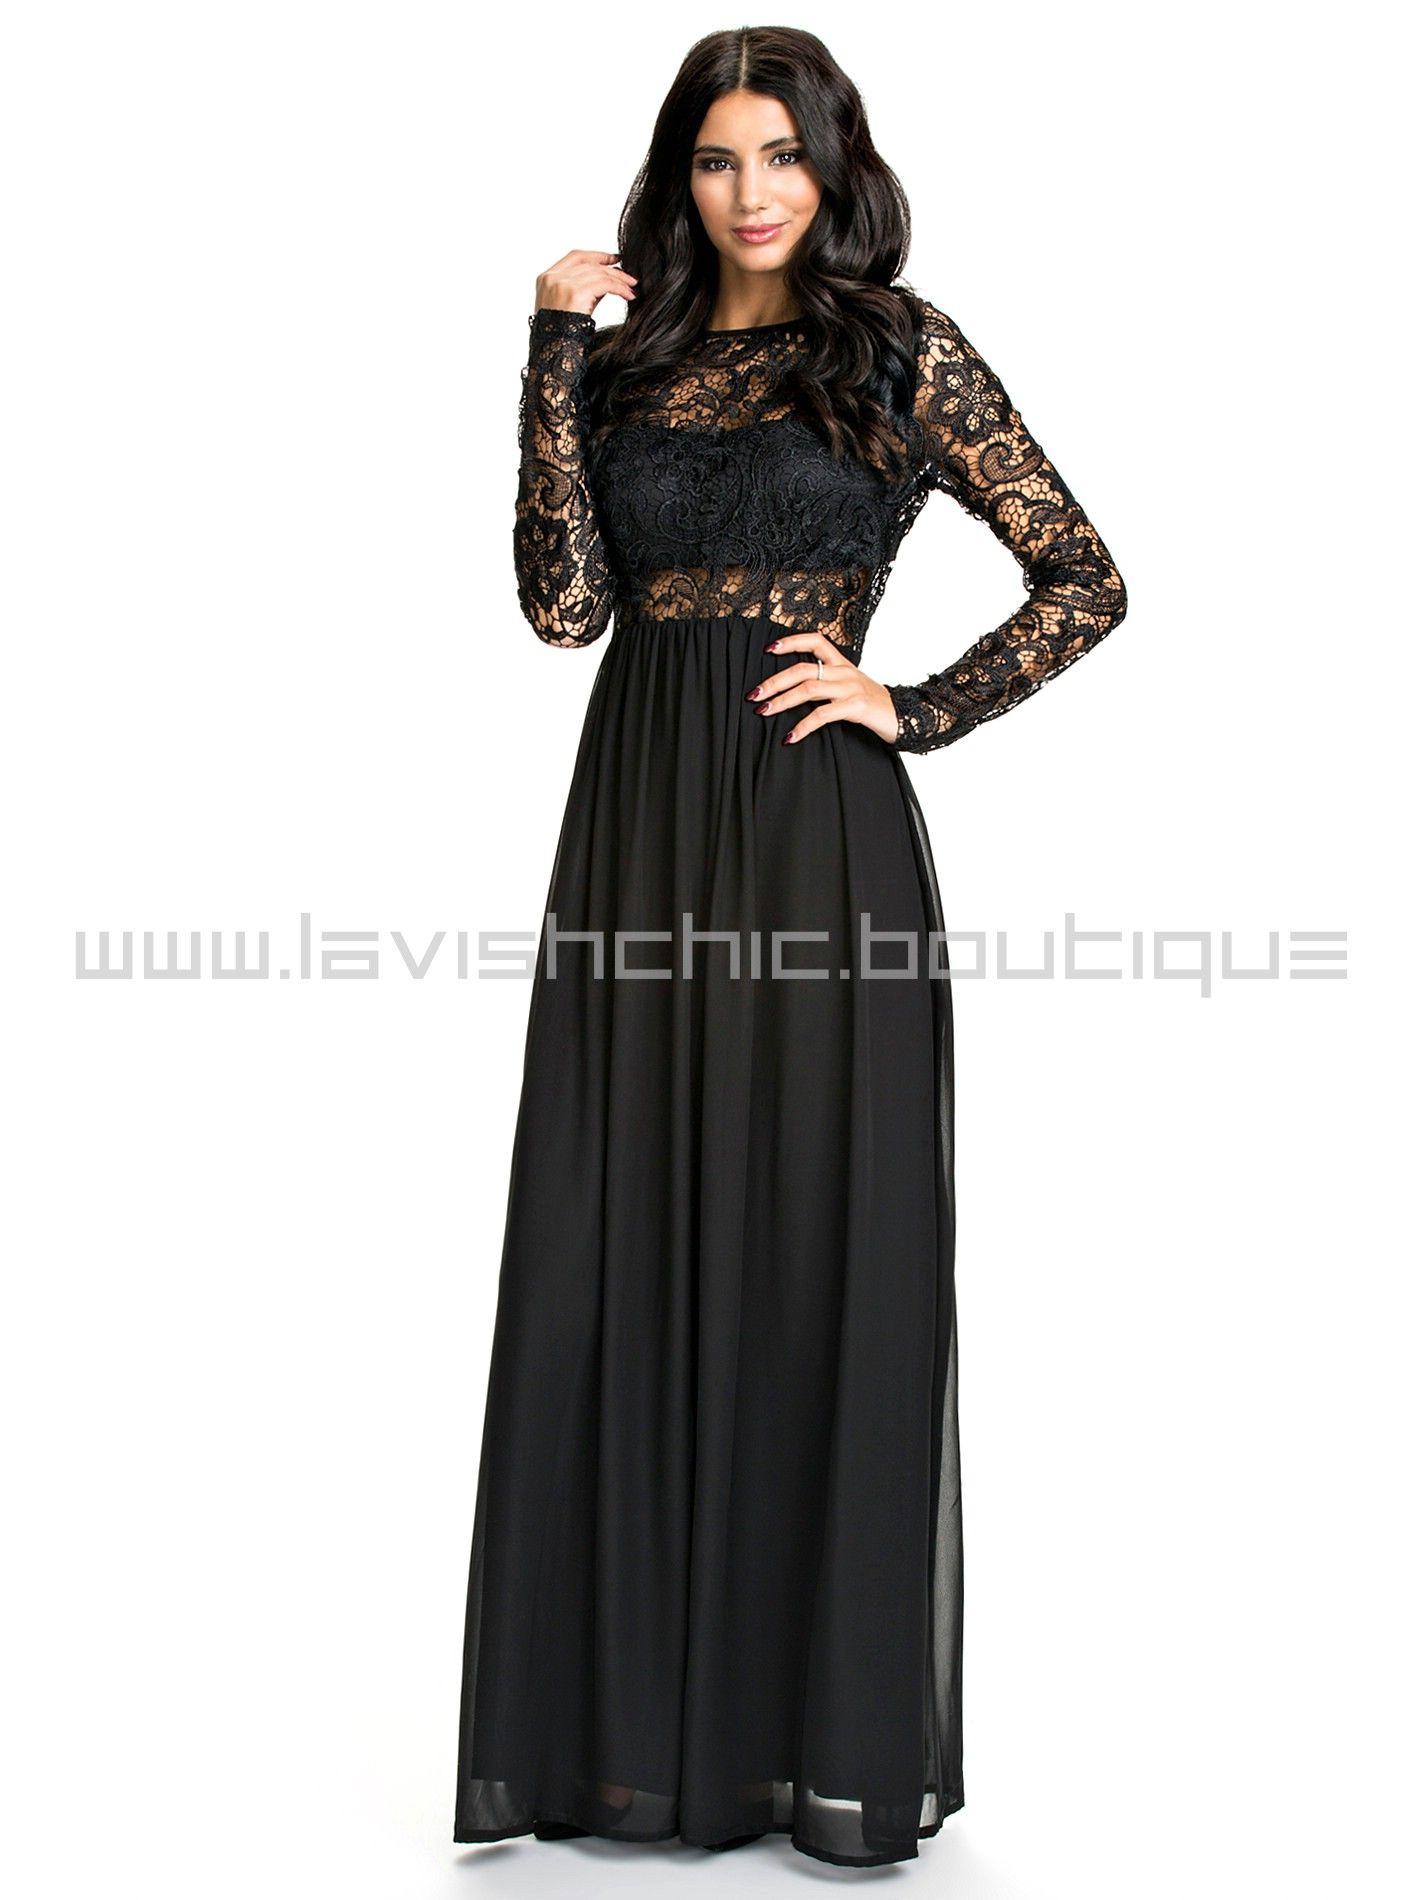 Black dress long sleeve - Long Sleeve Dresses Black White Lace Short Maxi Dresses Tobi